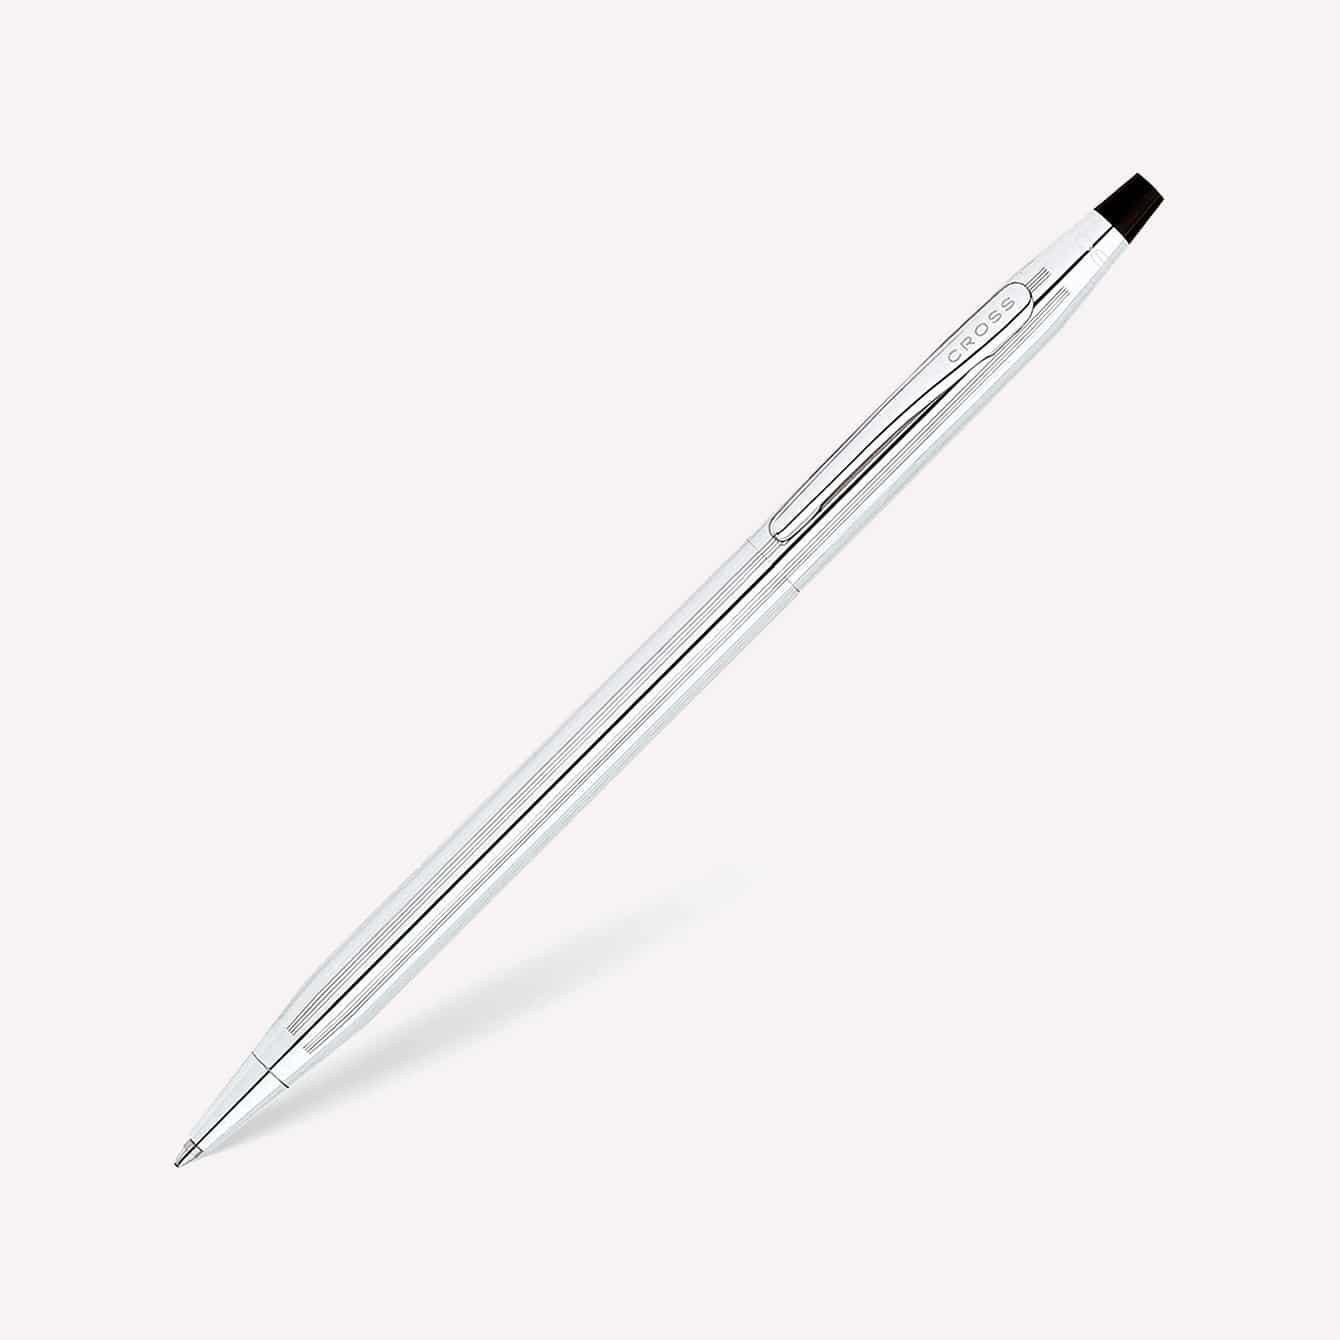 Cross Classic Century Lustrous Chrome Ballpoint Pen Model Number 3502